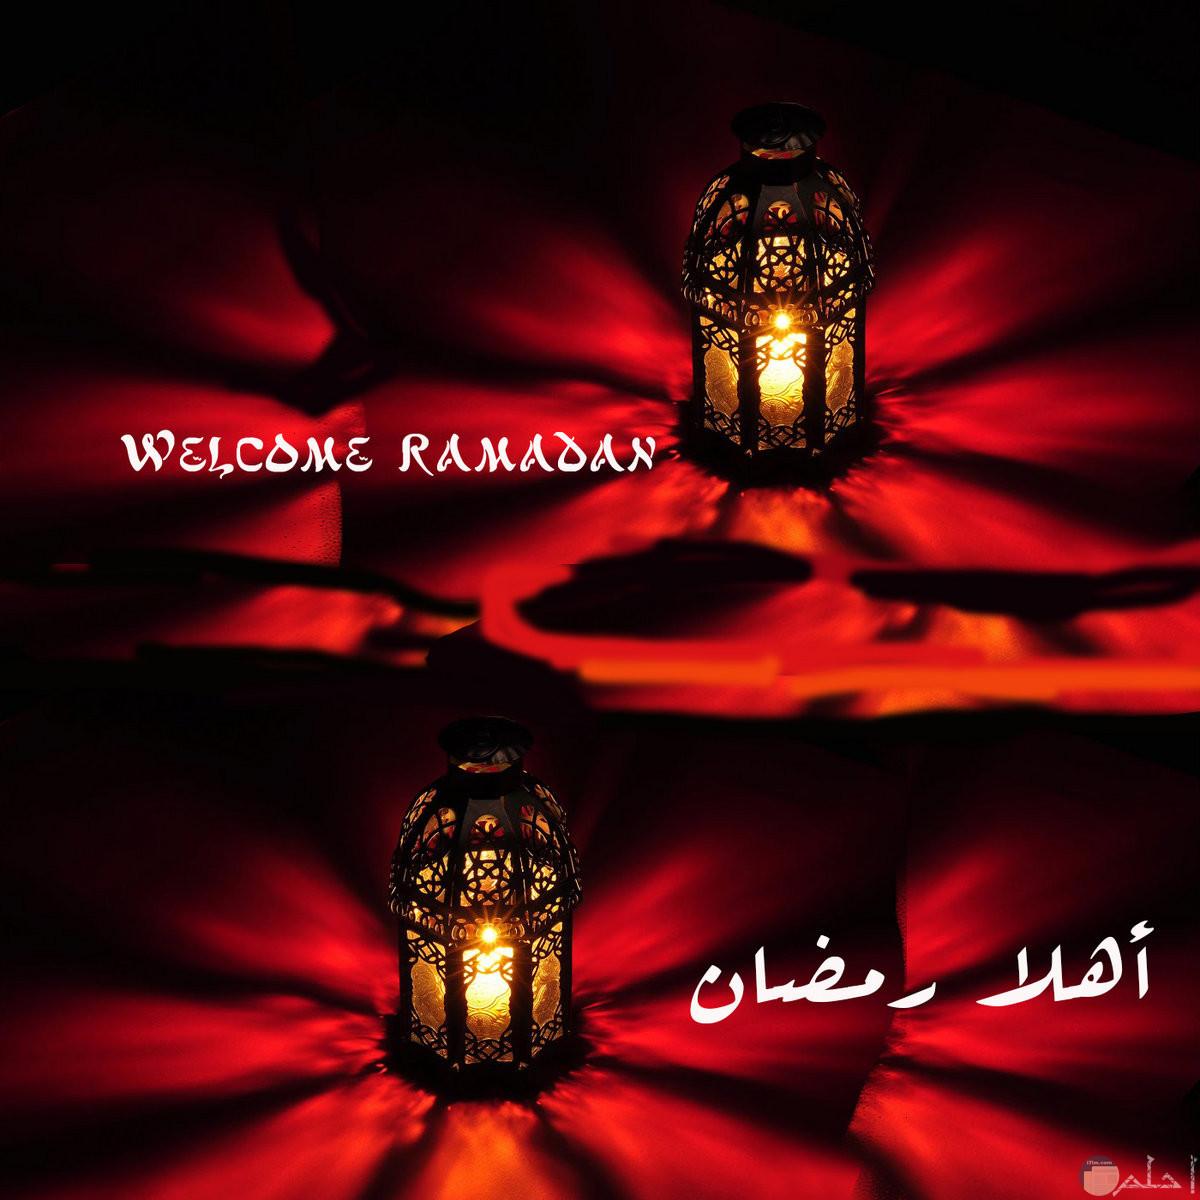 أهلا رمضان مكتوبة بالعربي و بالإنجليزي.